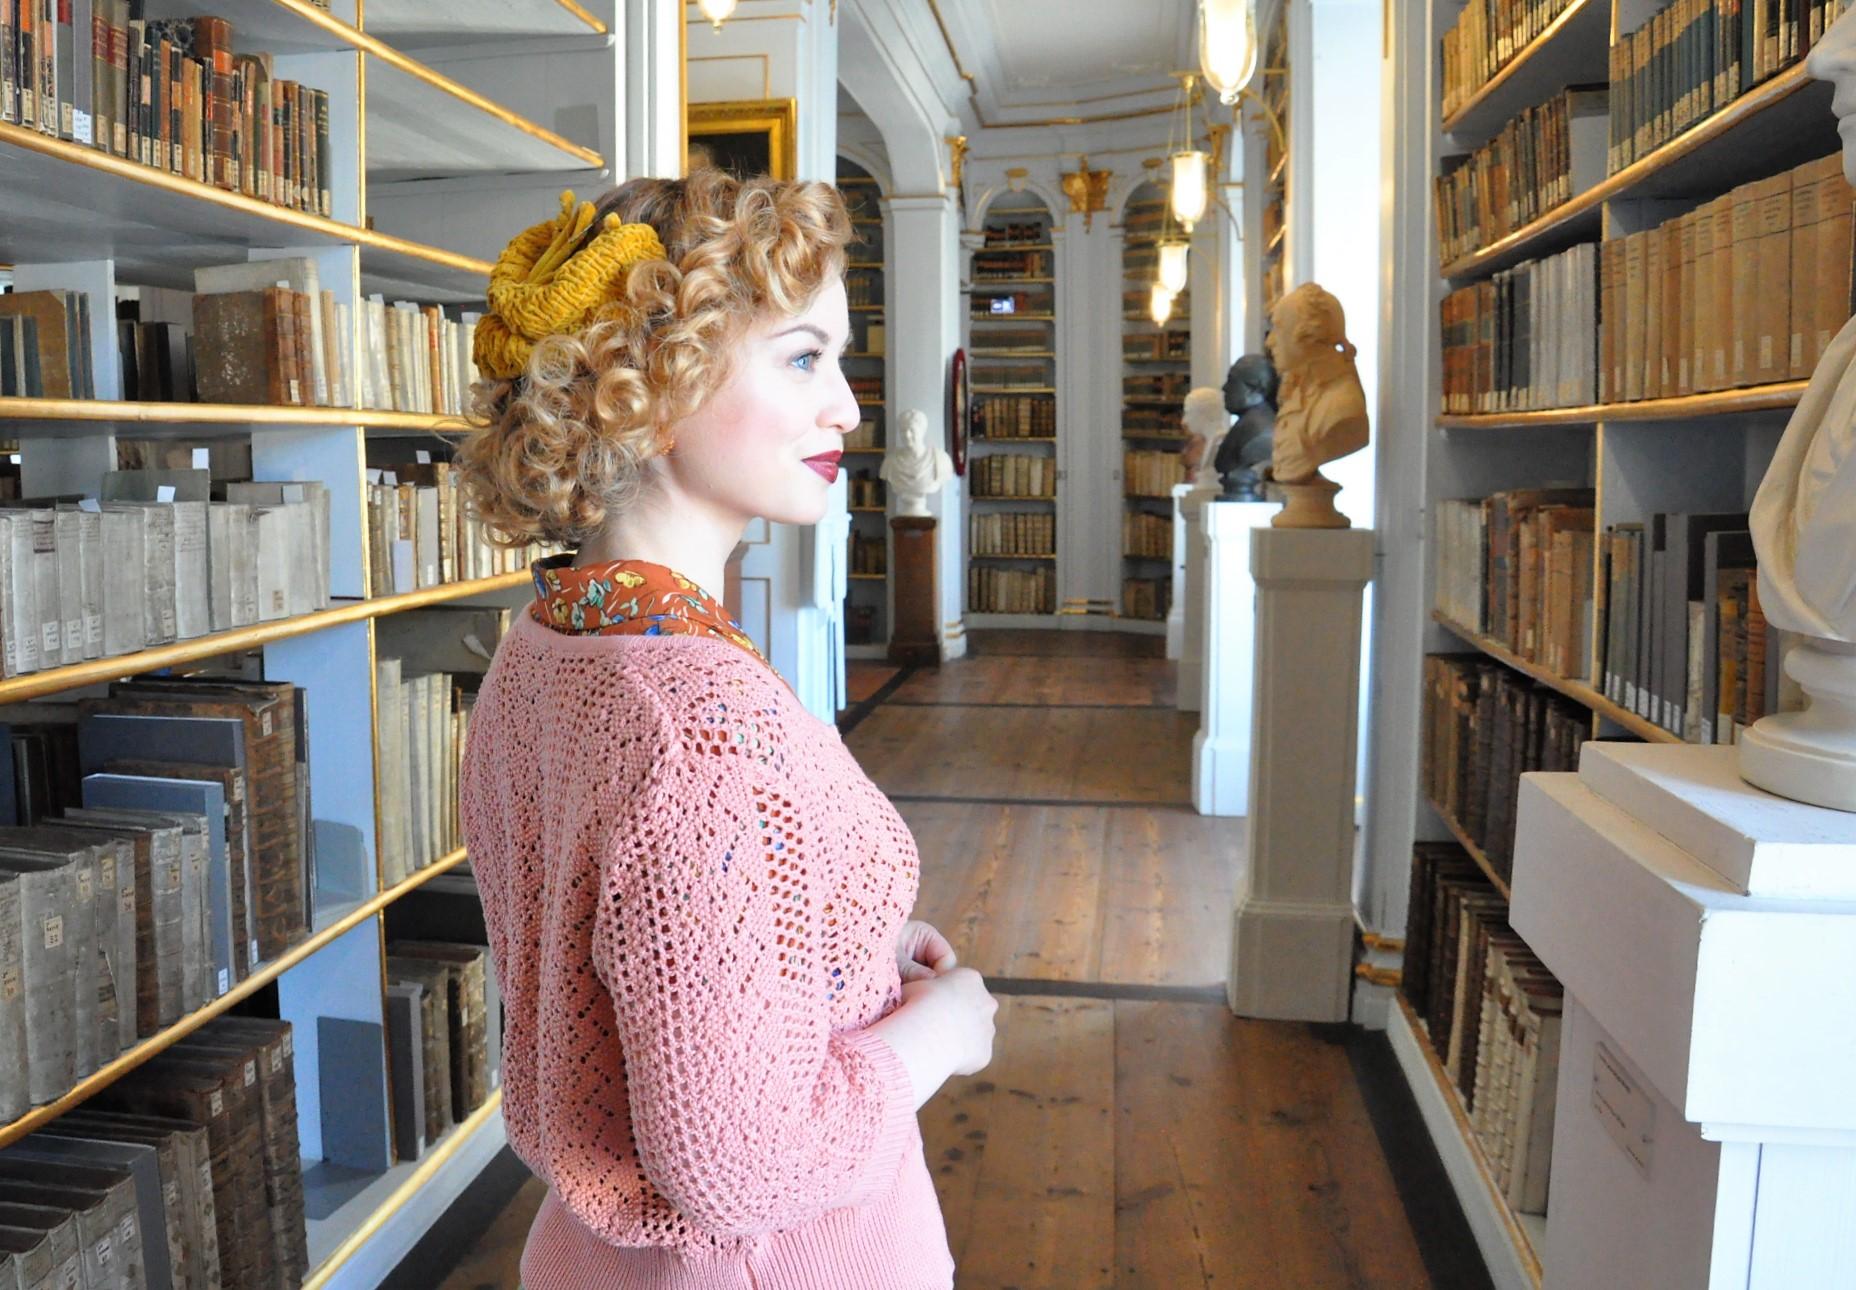 Historischer Stadtrundgang durch Weimar - Duchess Anna Amalia Library - (6)